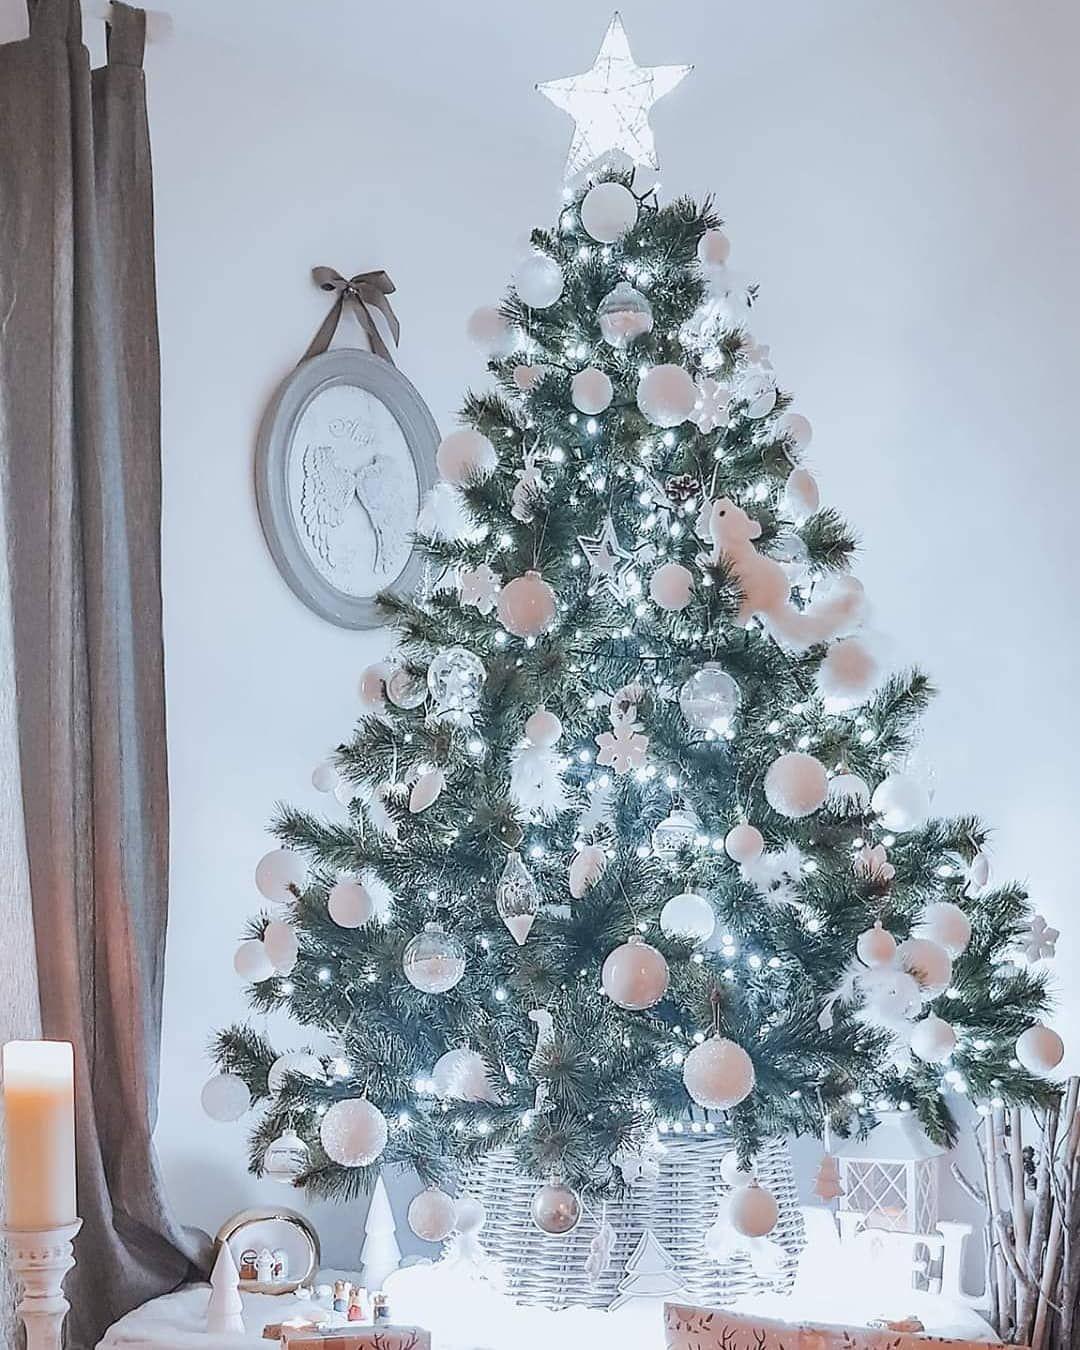 •••《Voilà nous sommes prêts, ce sera un Noël blanc pour nous 》••• #noel #christm... #Christmas #christmasdecorations #christmasiscoming #christmaslights #christmasmagic #christmasmood #christmastime